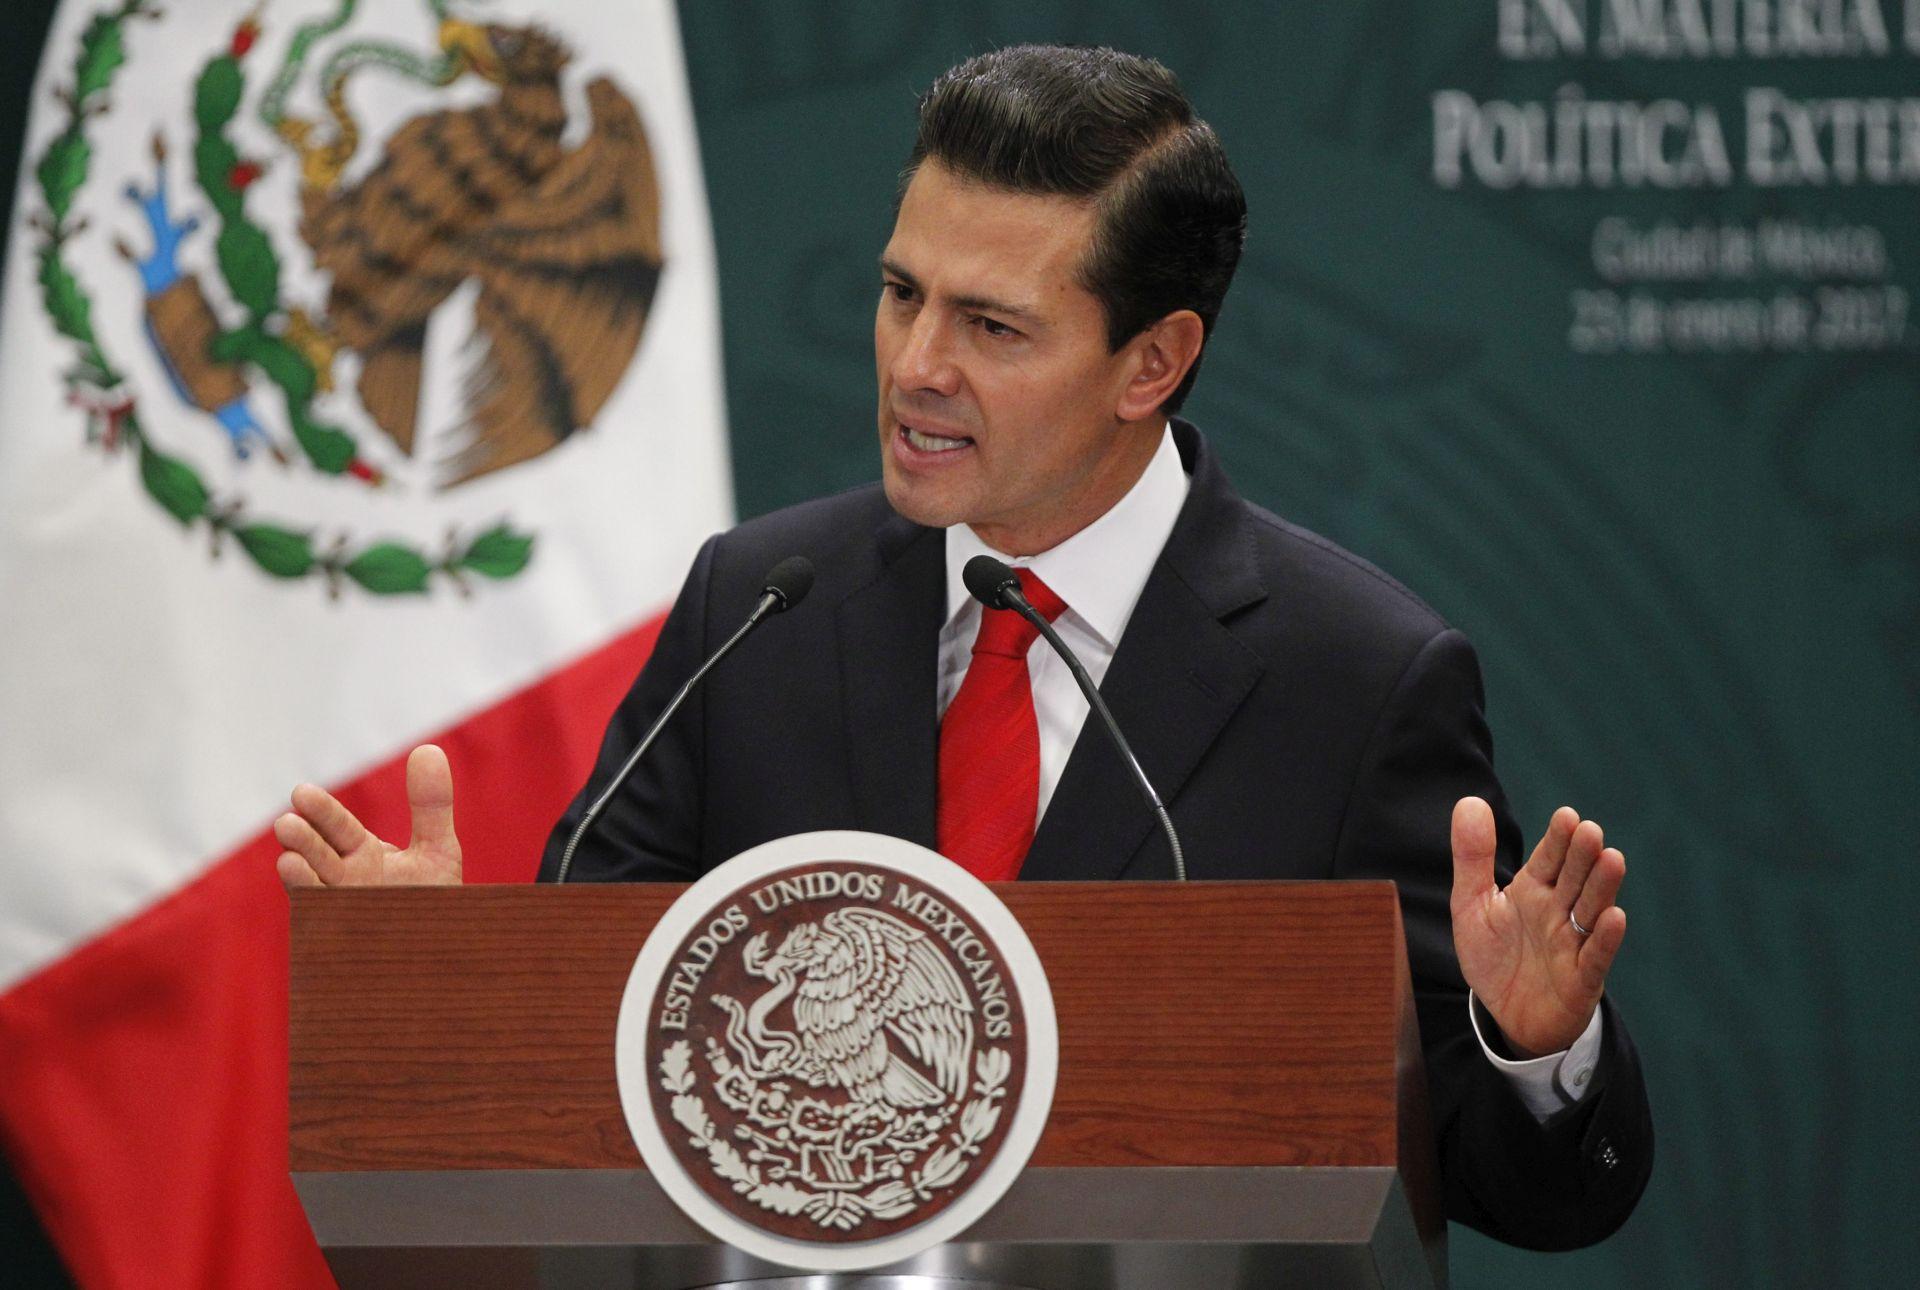 IZGRADNJA ZIDA: Meksički predsjednik Pena Nieto osudio Trumpovu odluku